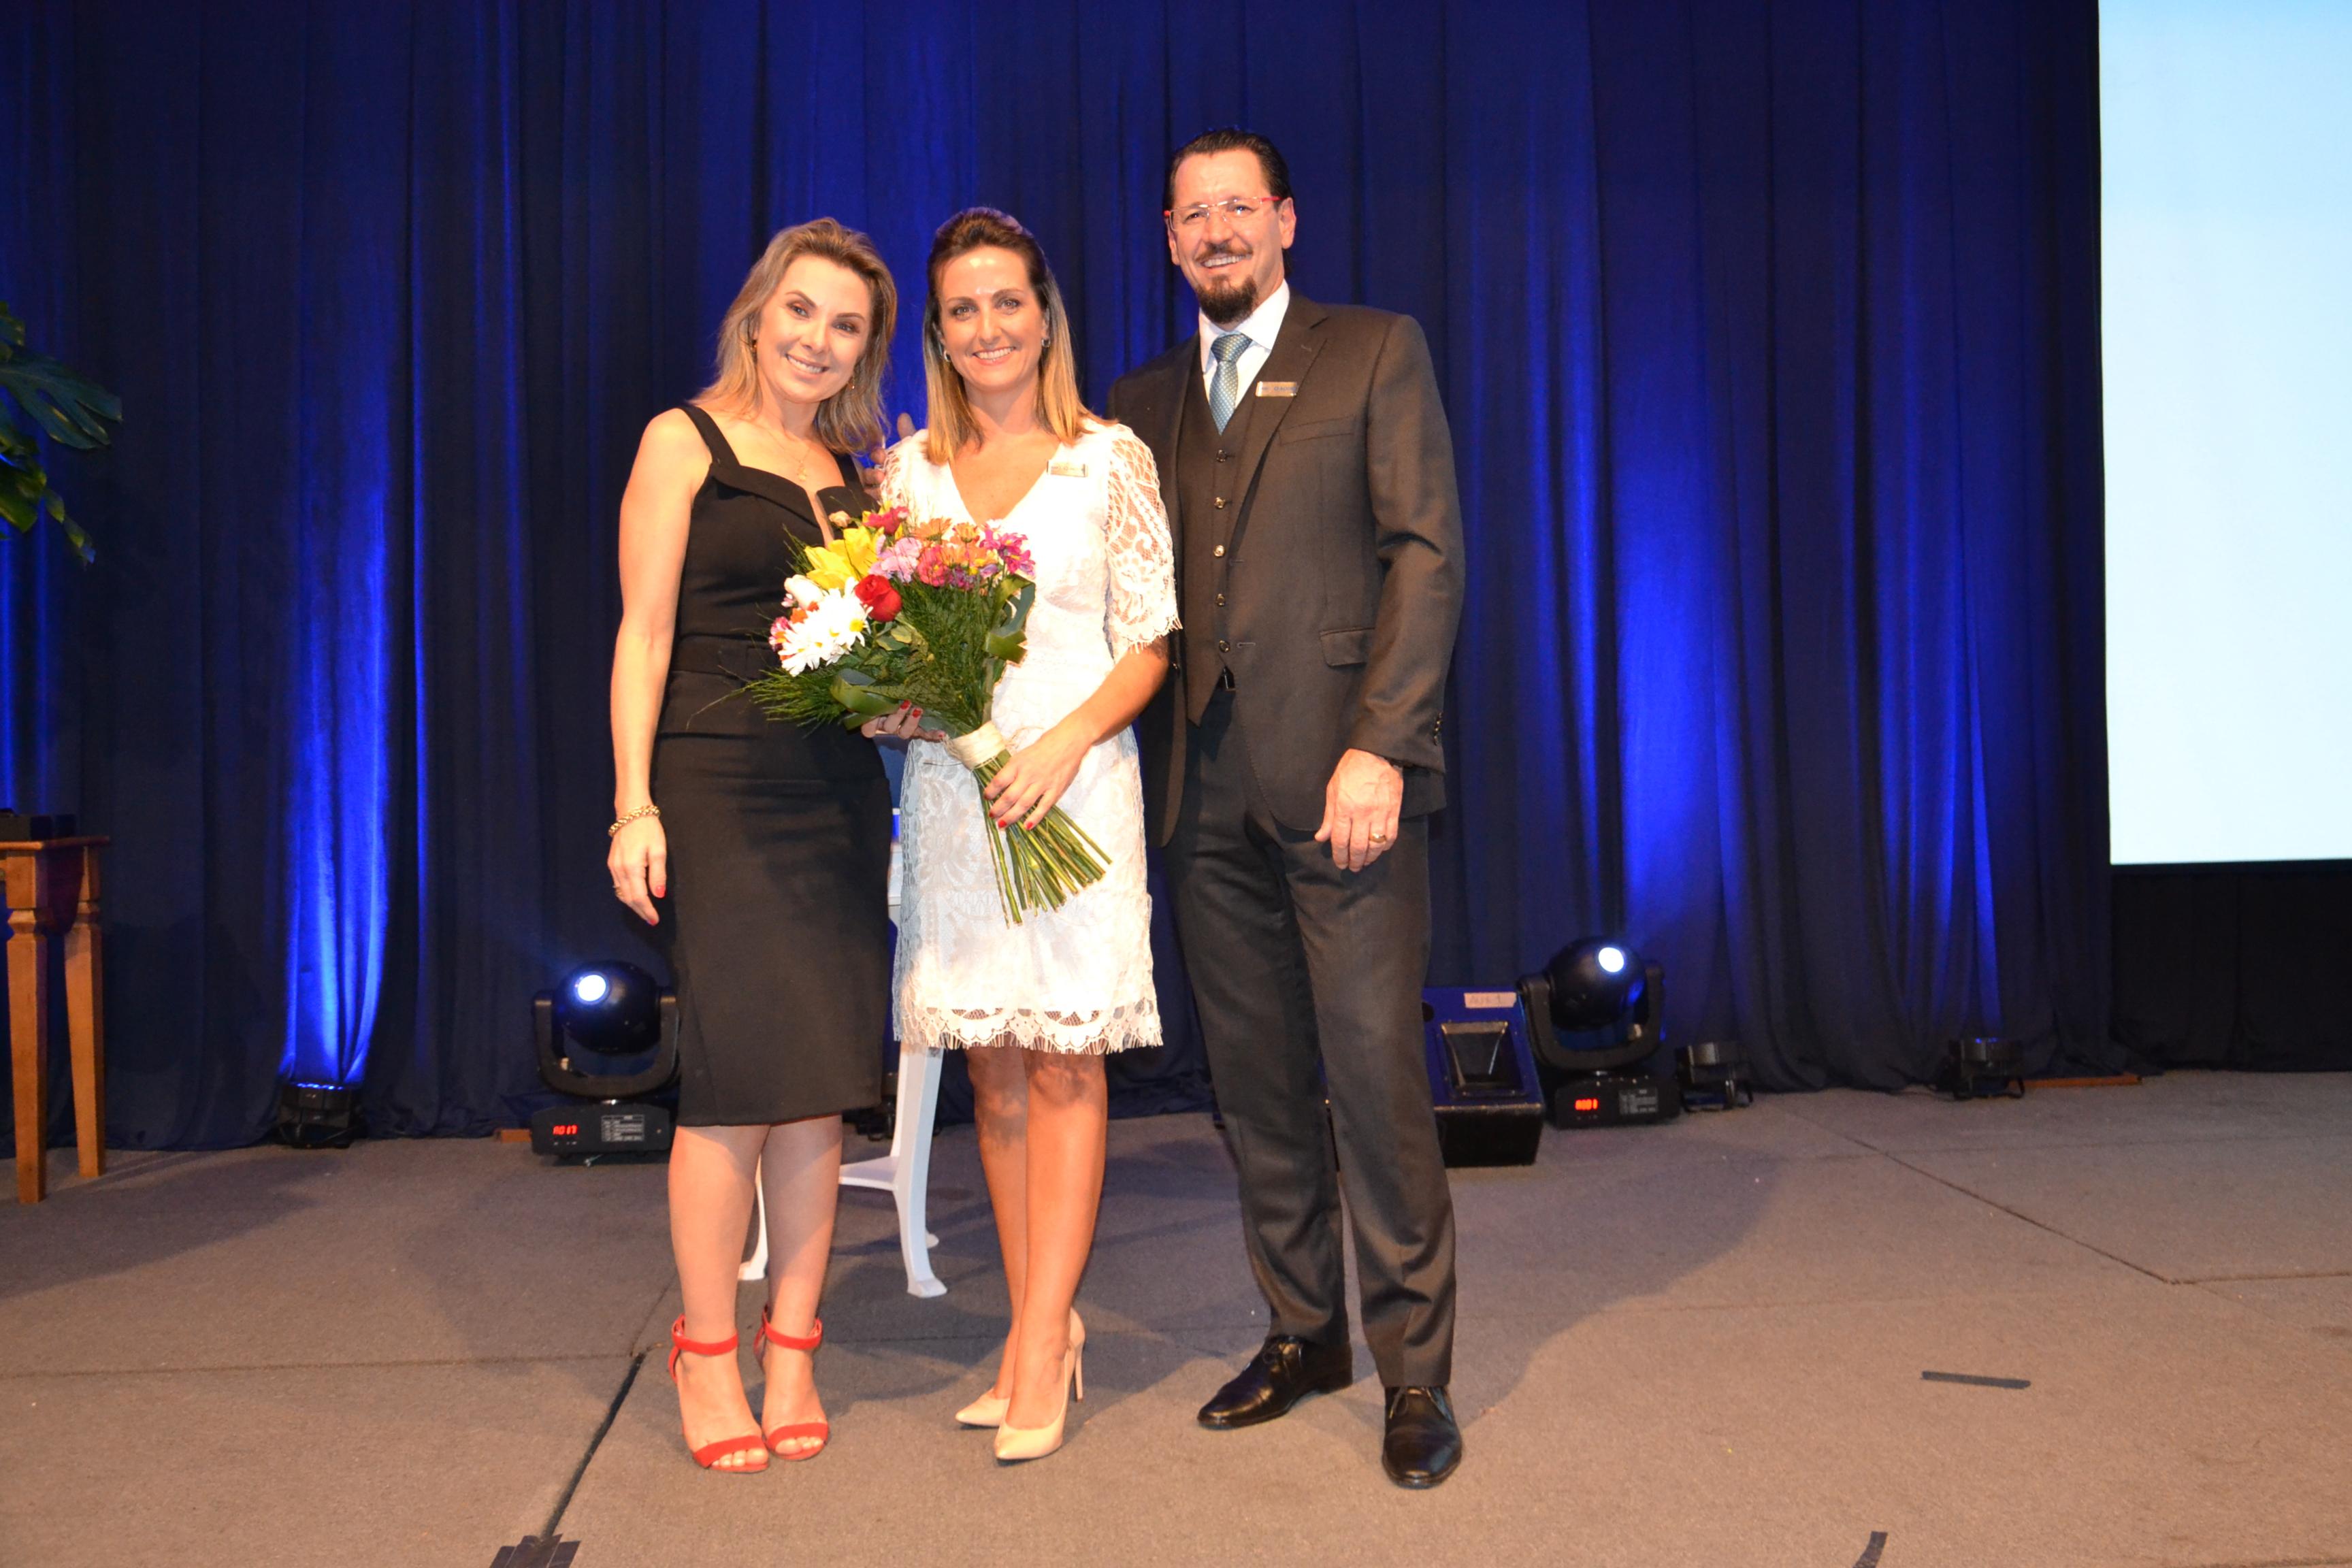 Simone Leite recebe flores de Lisiane e Fábio Vendruscolo